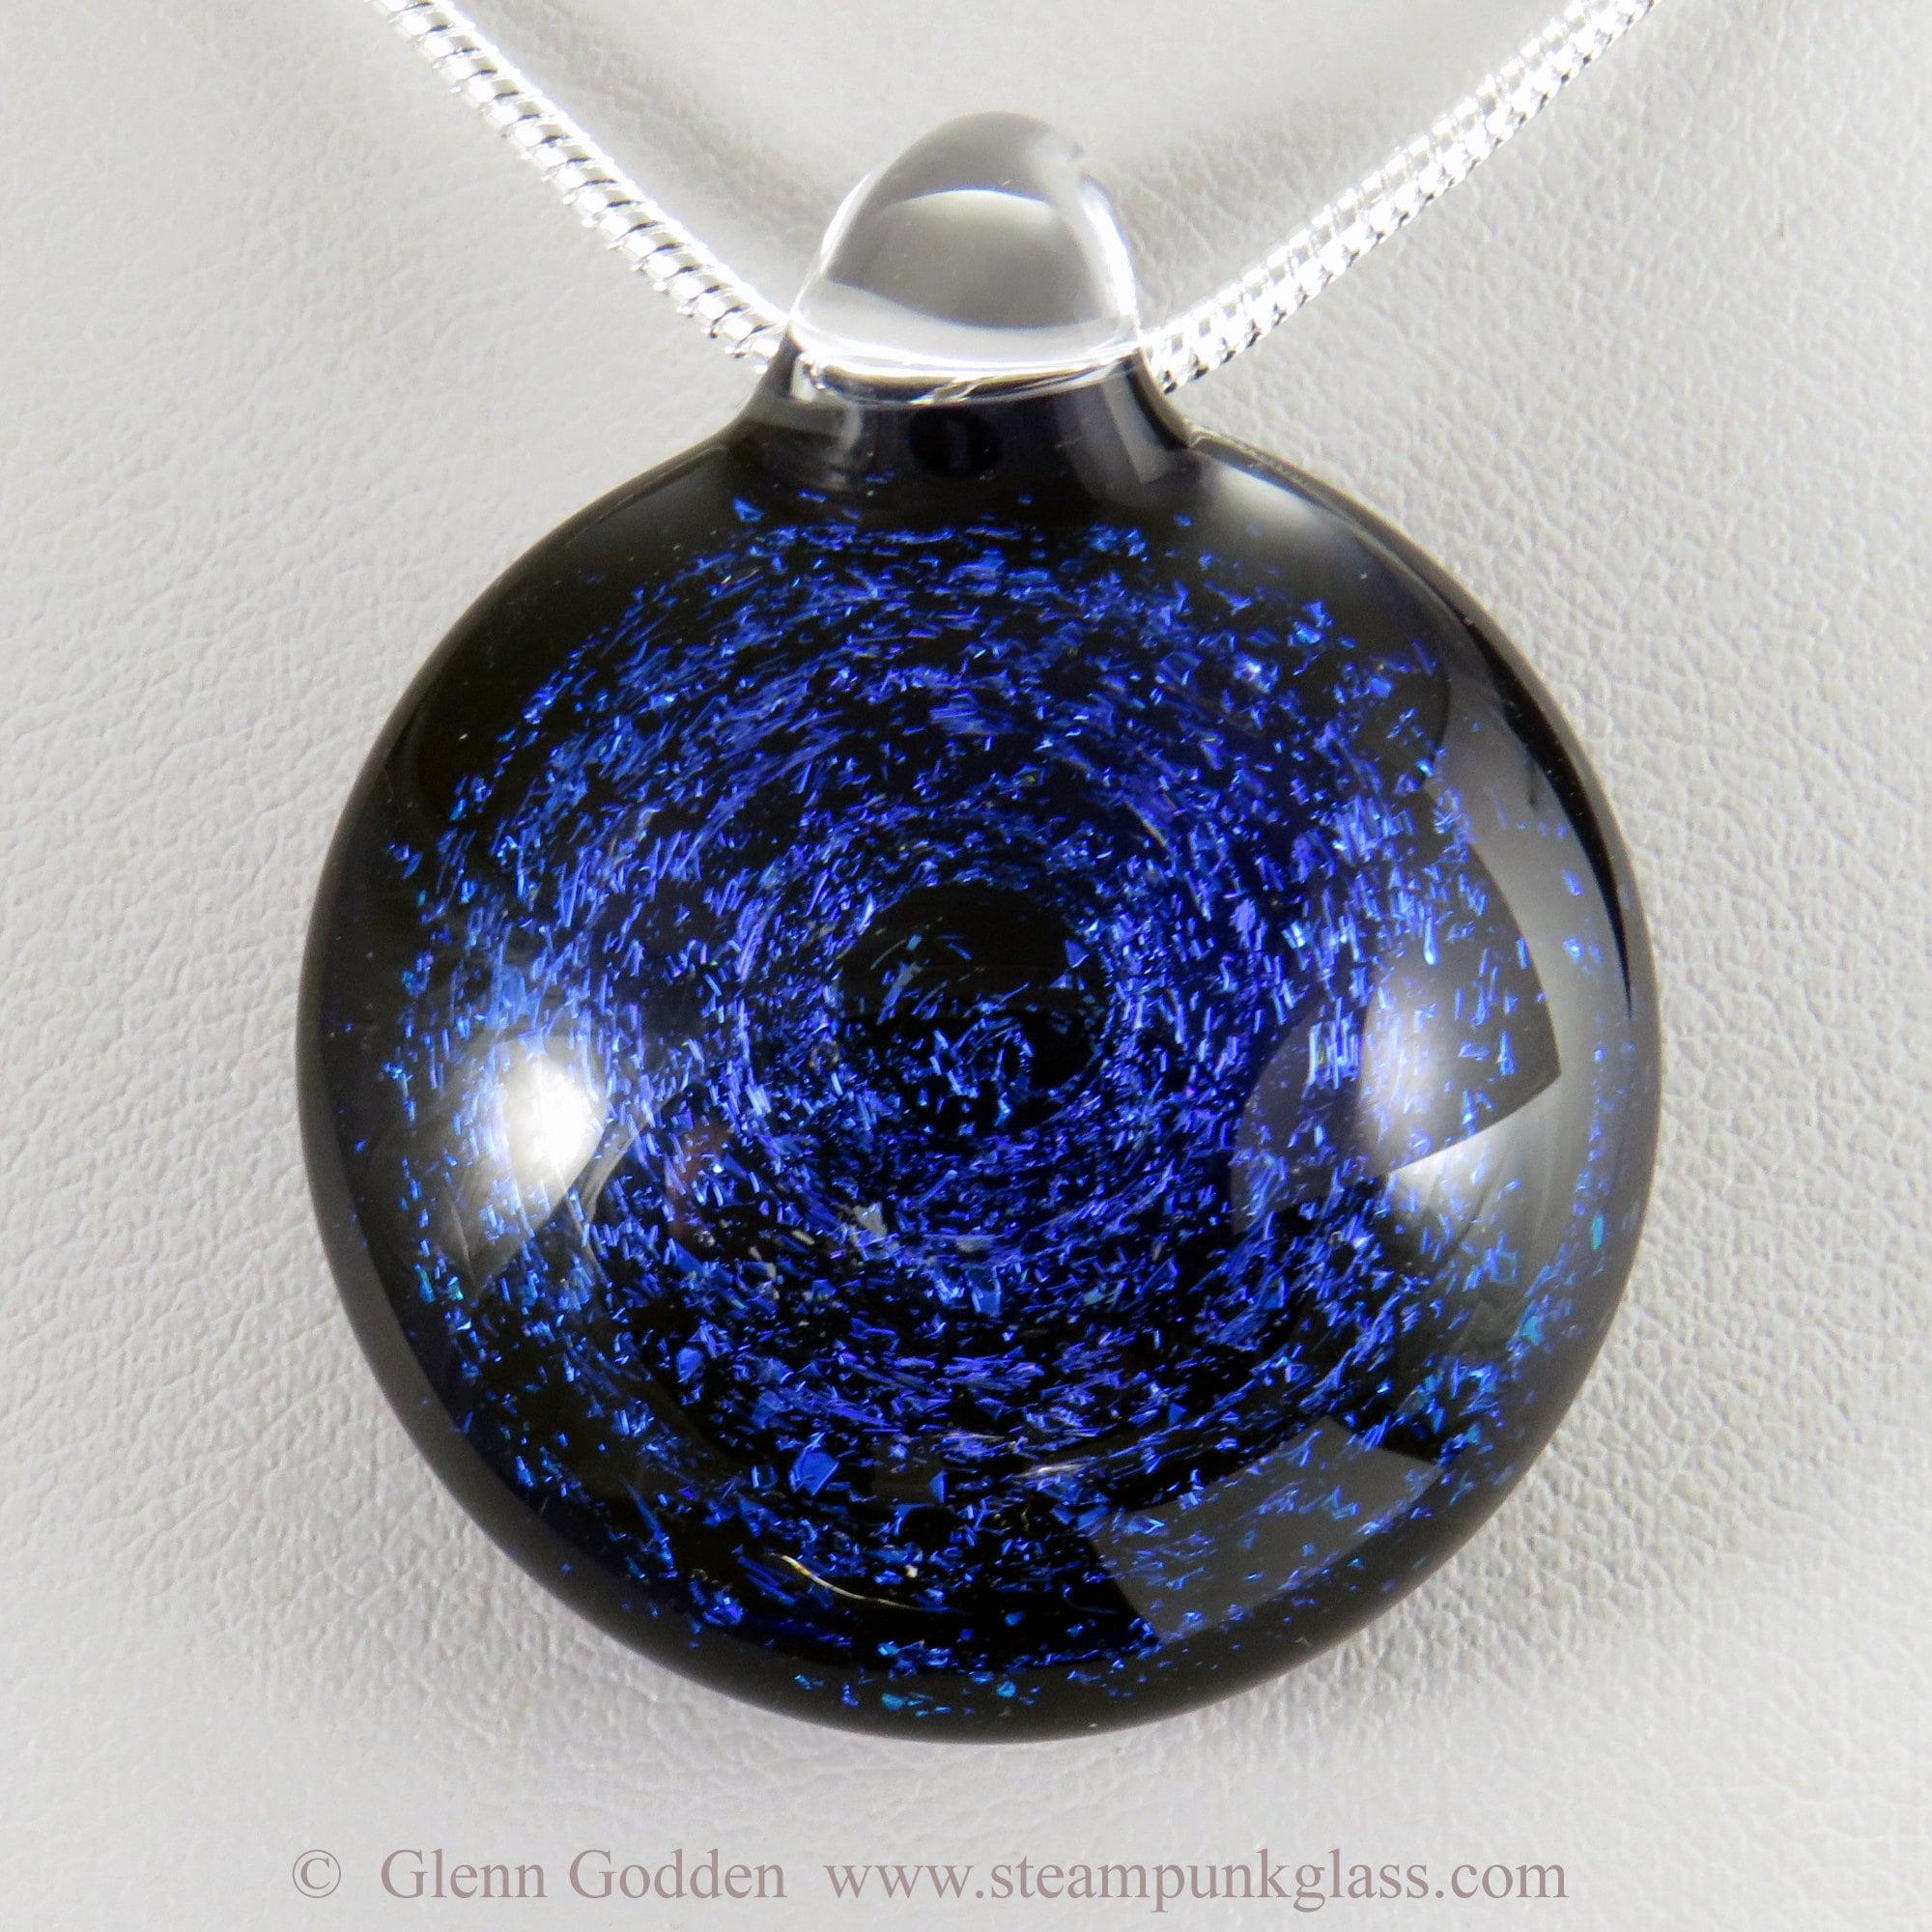 Blue Star Pendant Necklace Glass Pendant Galaxy Glass Pendant Necklace Unique Gift